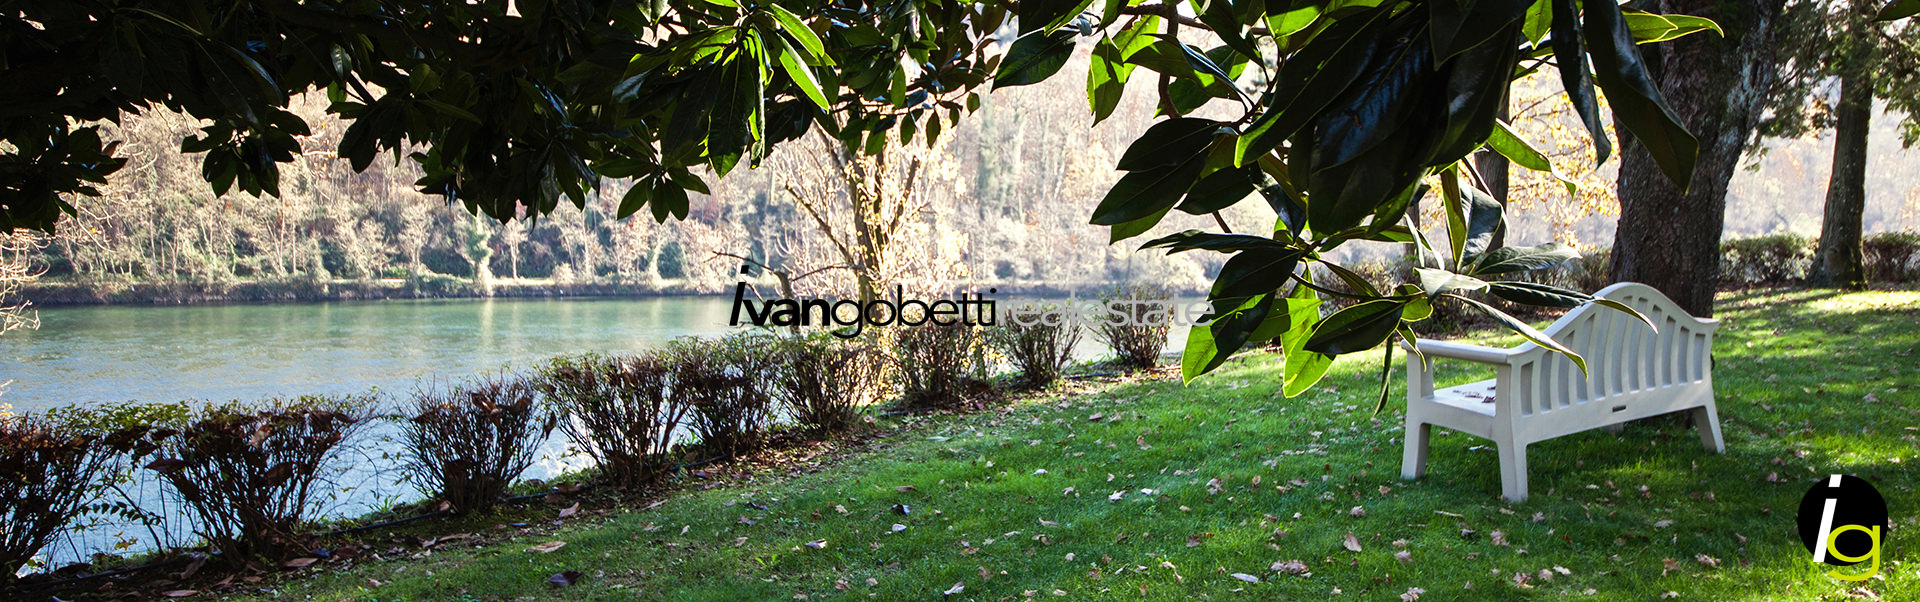 Castelletto Ticino, lungo le rive del Ticino magnifica Villa in vendita.